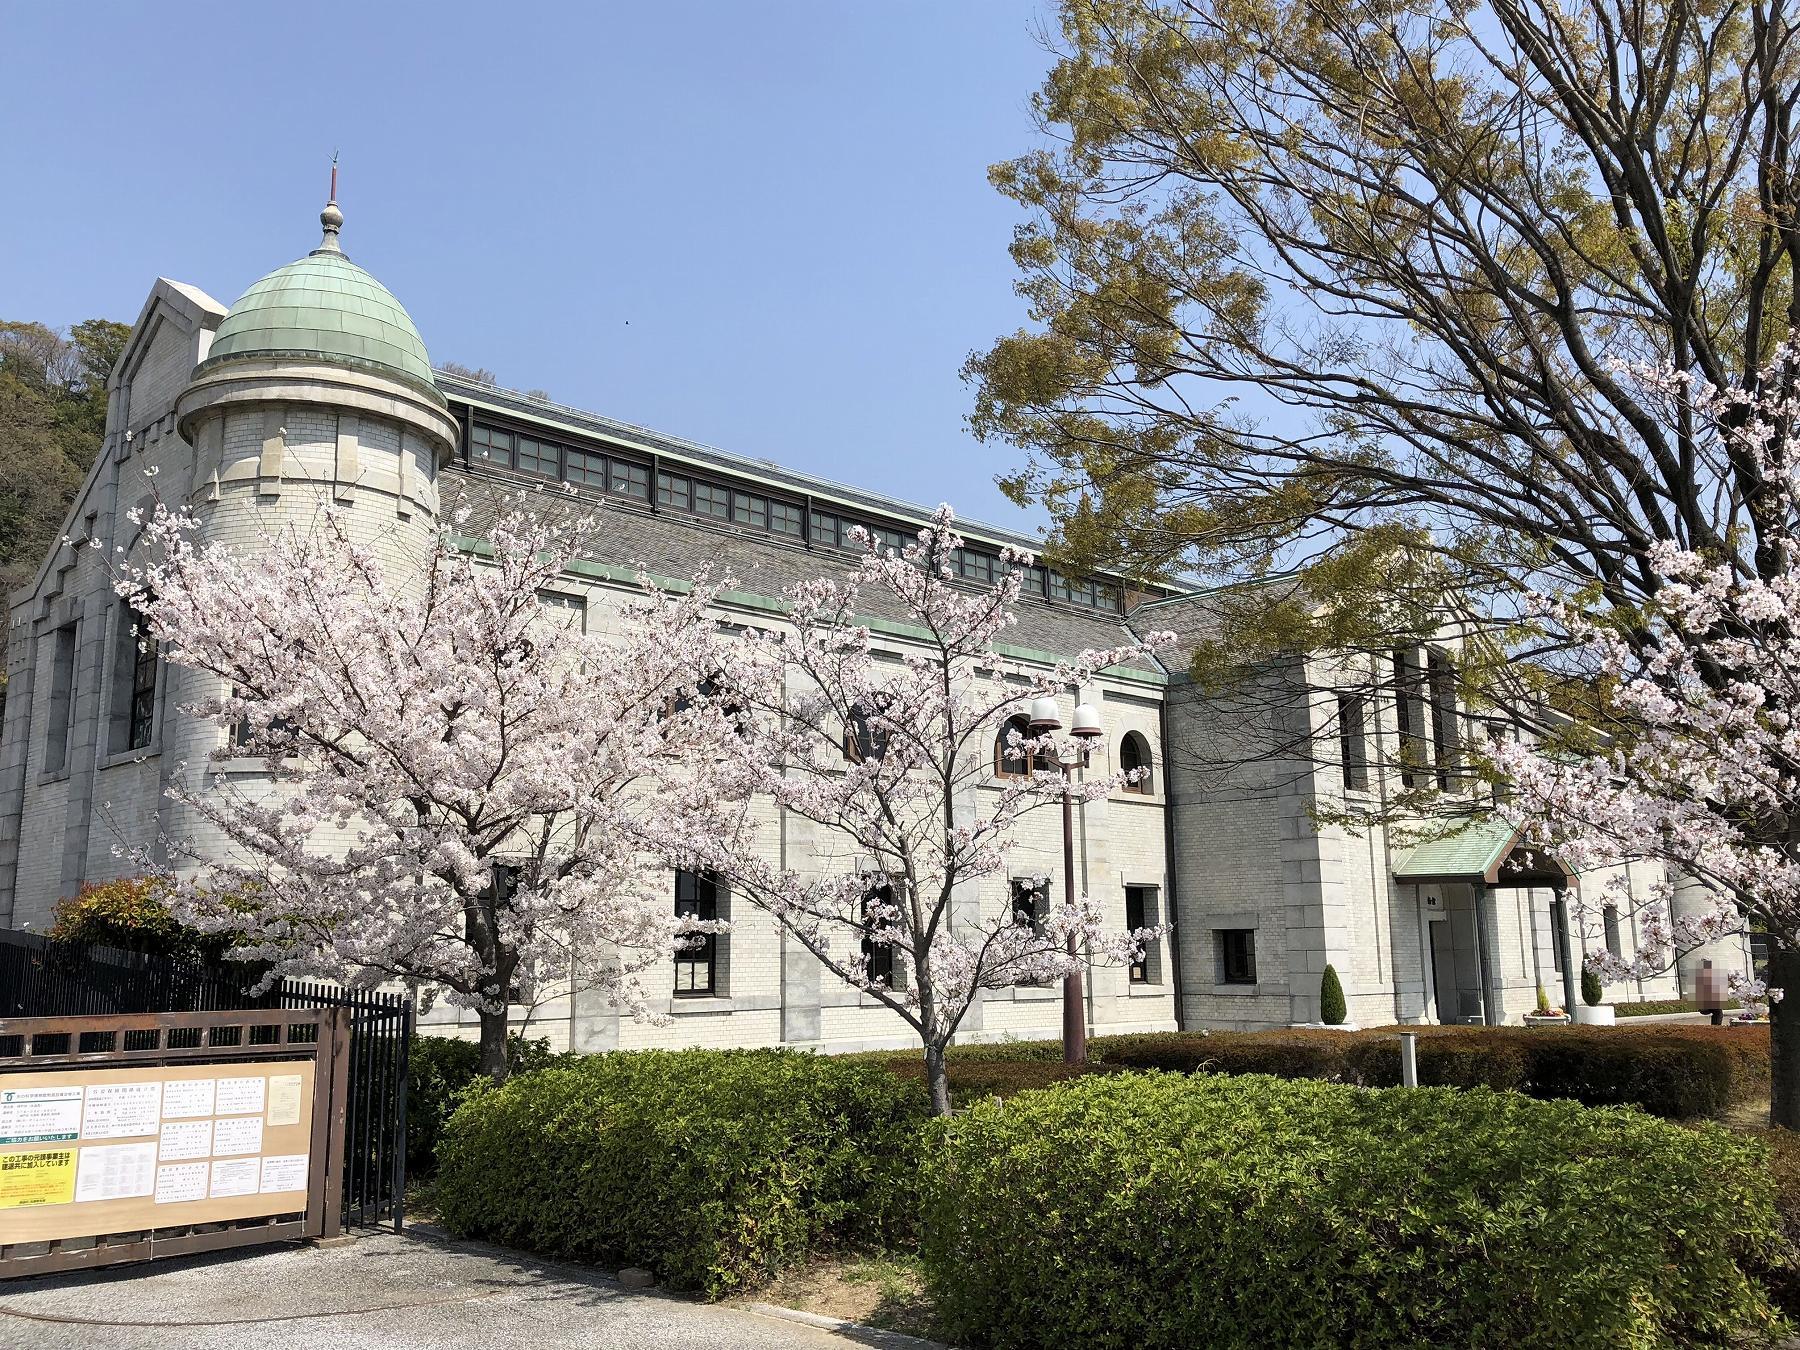 神戸市 水の科学博物館で3月20日(火)~4月8日(日)開催中の「さくらフェア」を楽しんできた! #水の科学博物館 #神戸観光 #近代建築 #お花見